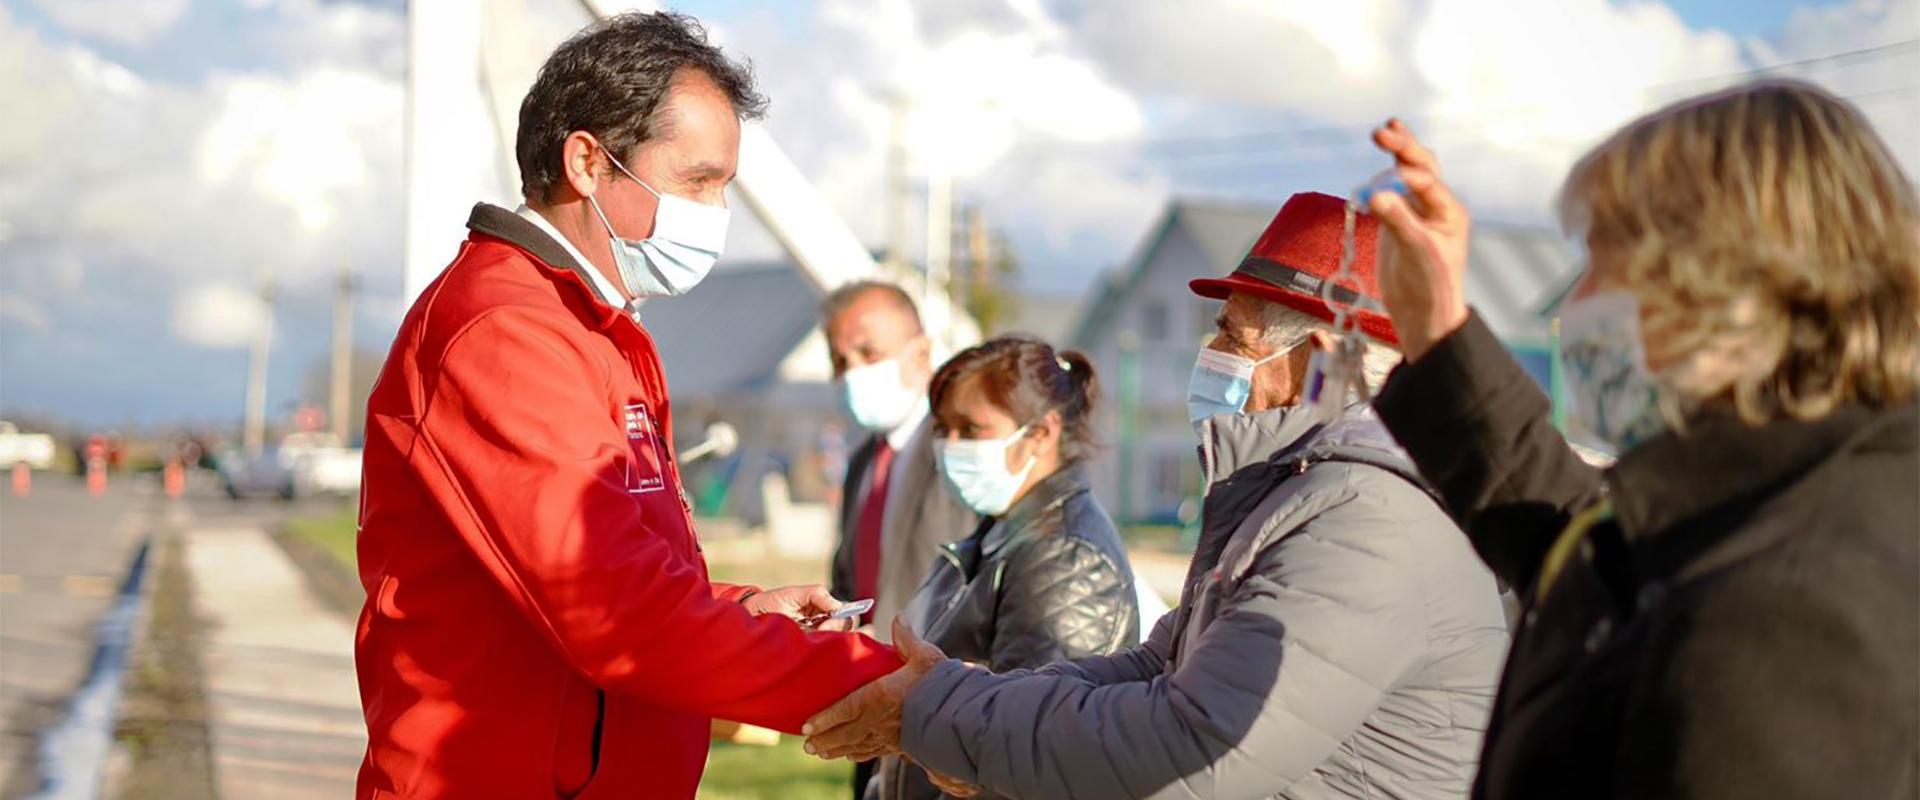 director de serviu Claudio Daneck entrega llaves a mujeres del proyecto Valles de Molina 5